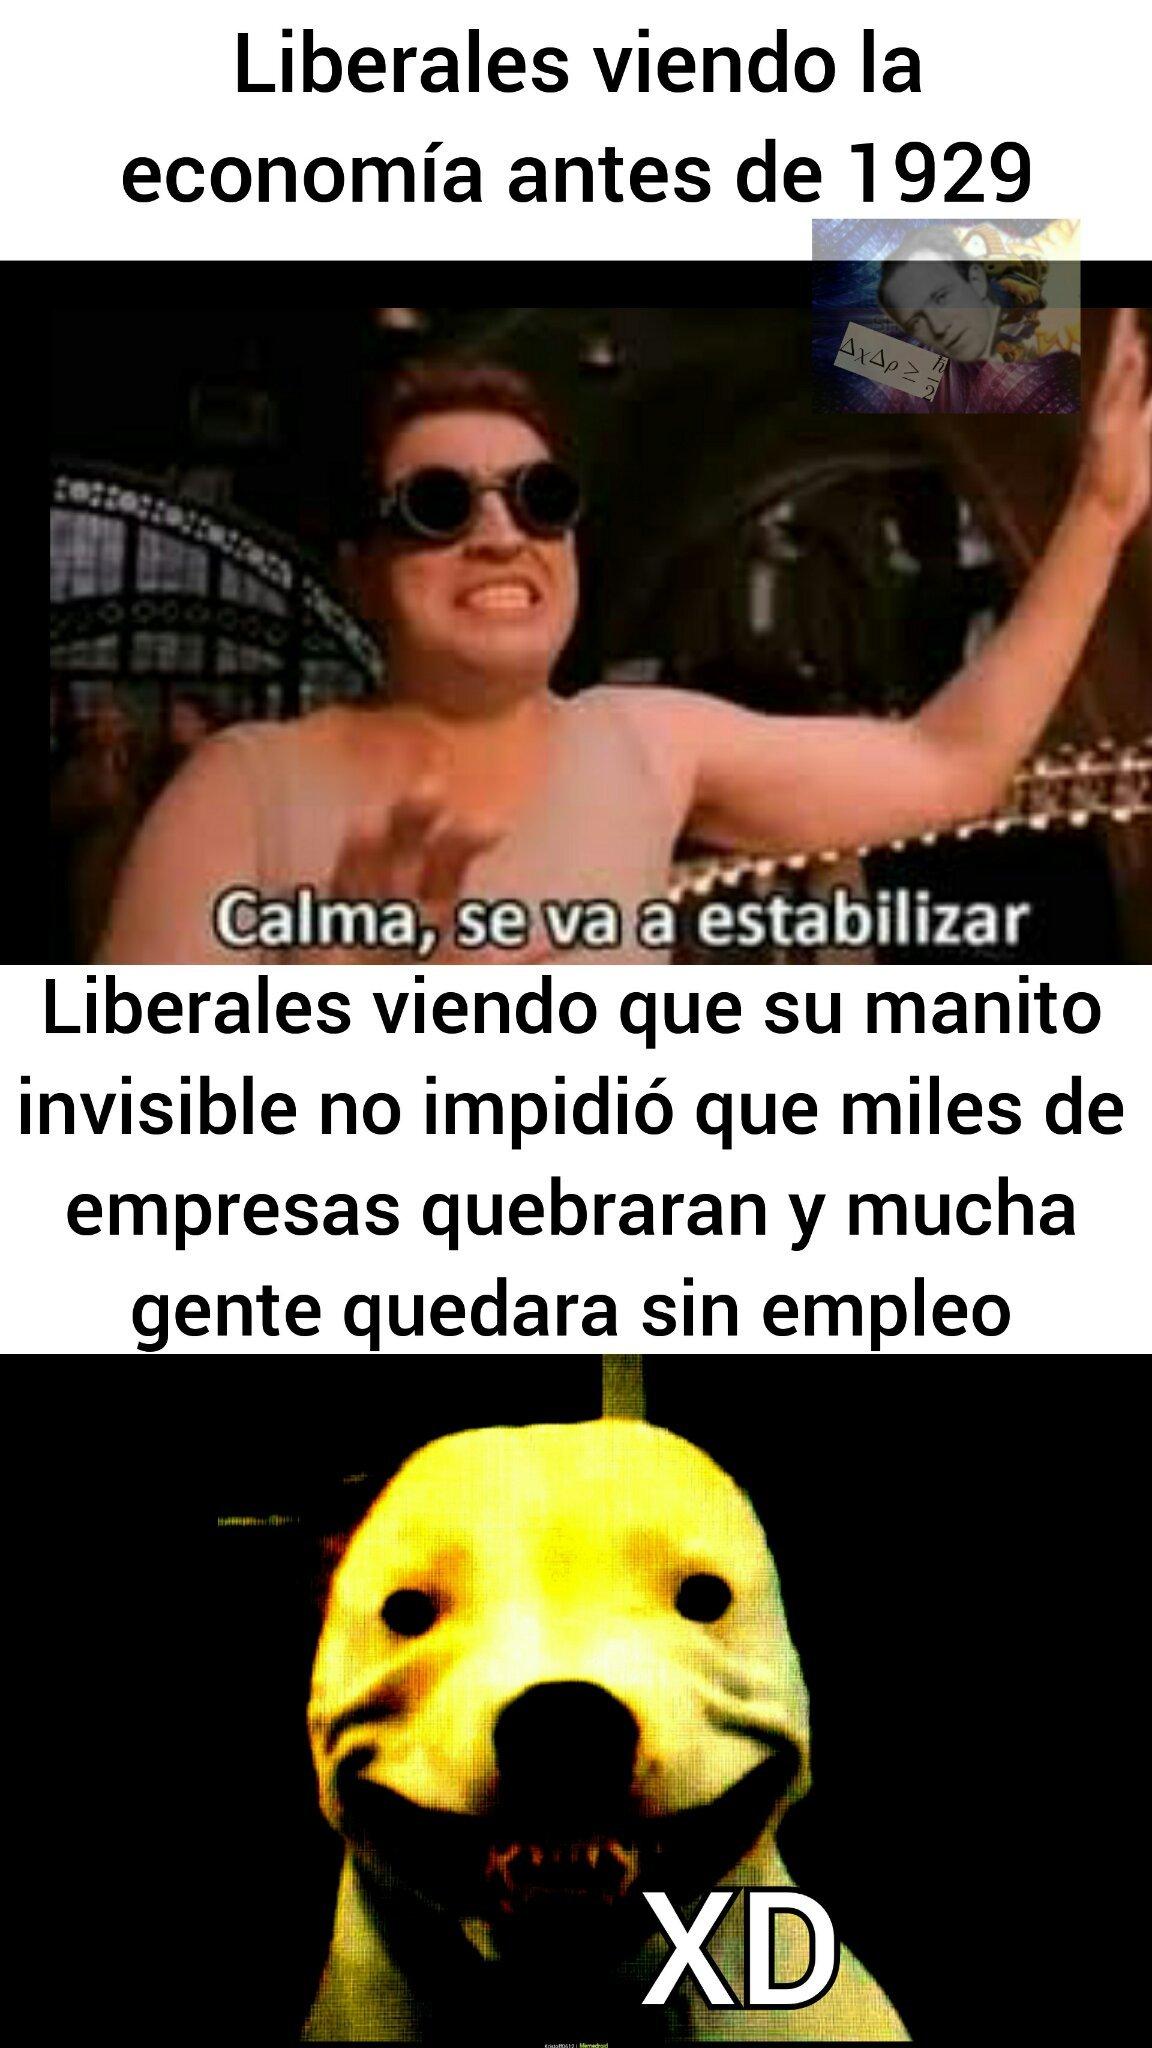 Ya se que vivimos en latinoamericaby la educación es un ano pero espero que todos entiendan - meme